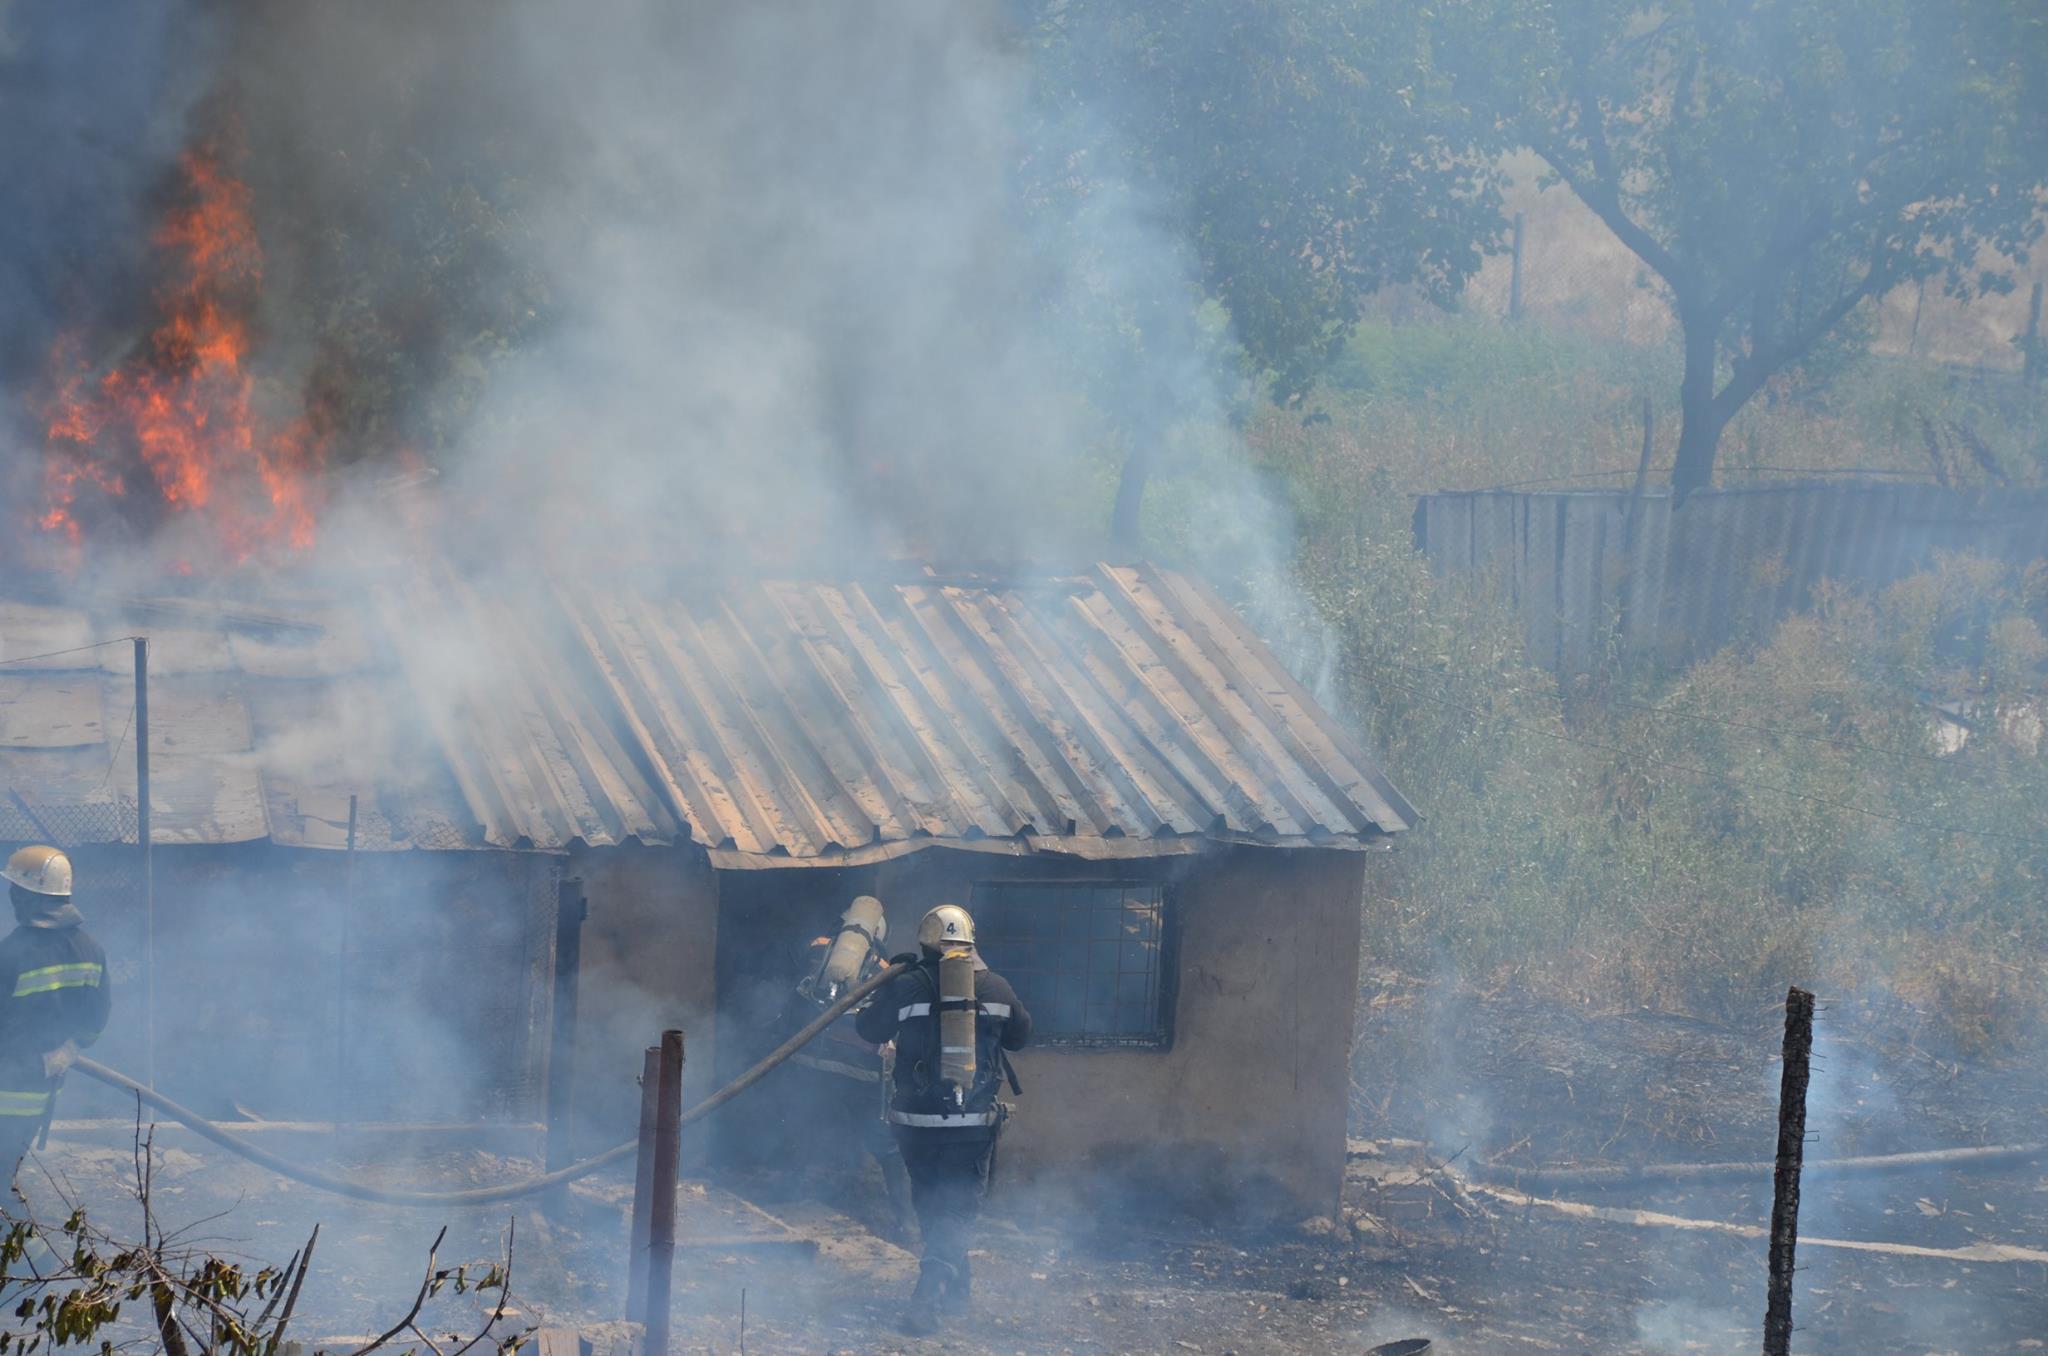 На Миколаївщині через пожежу сухостою загорілись сараї та житловий будинок - фото 3